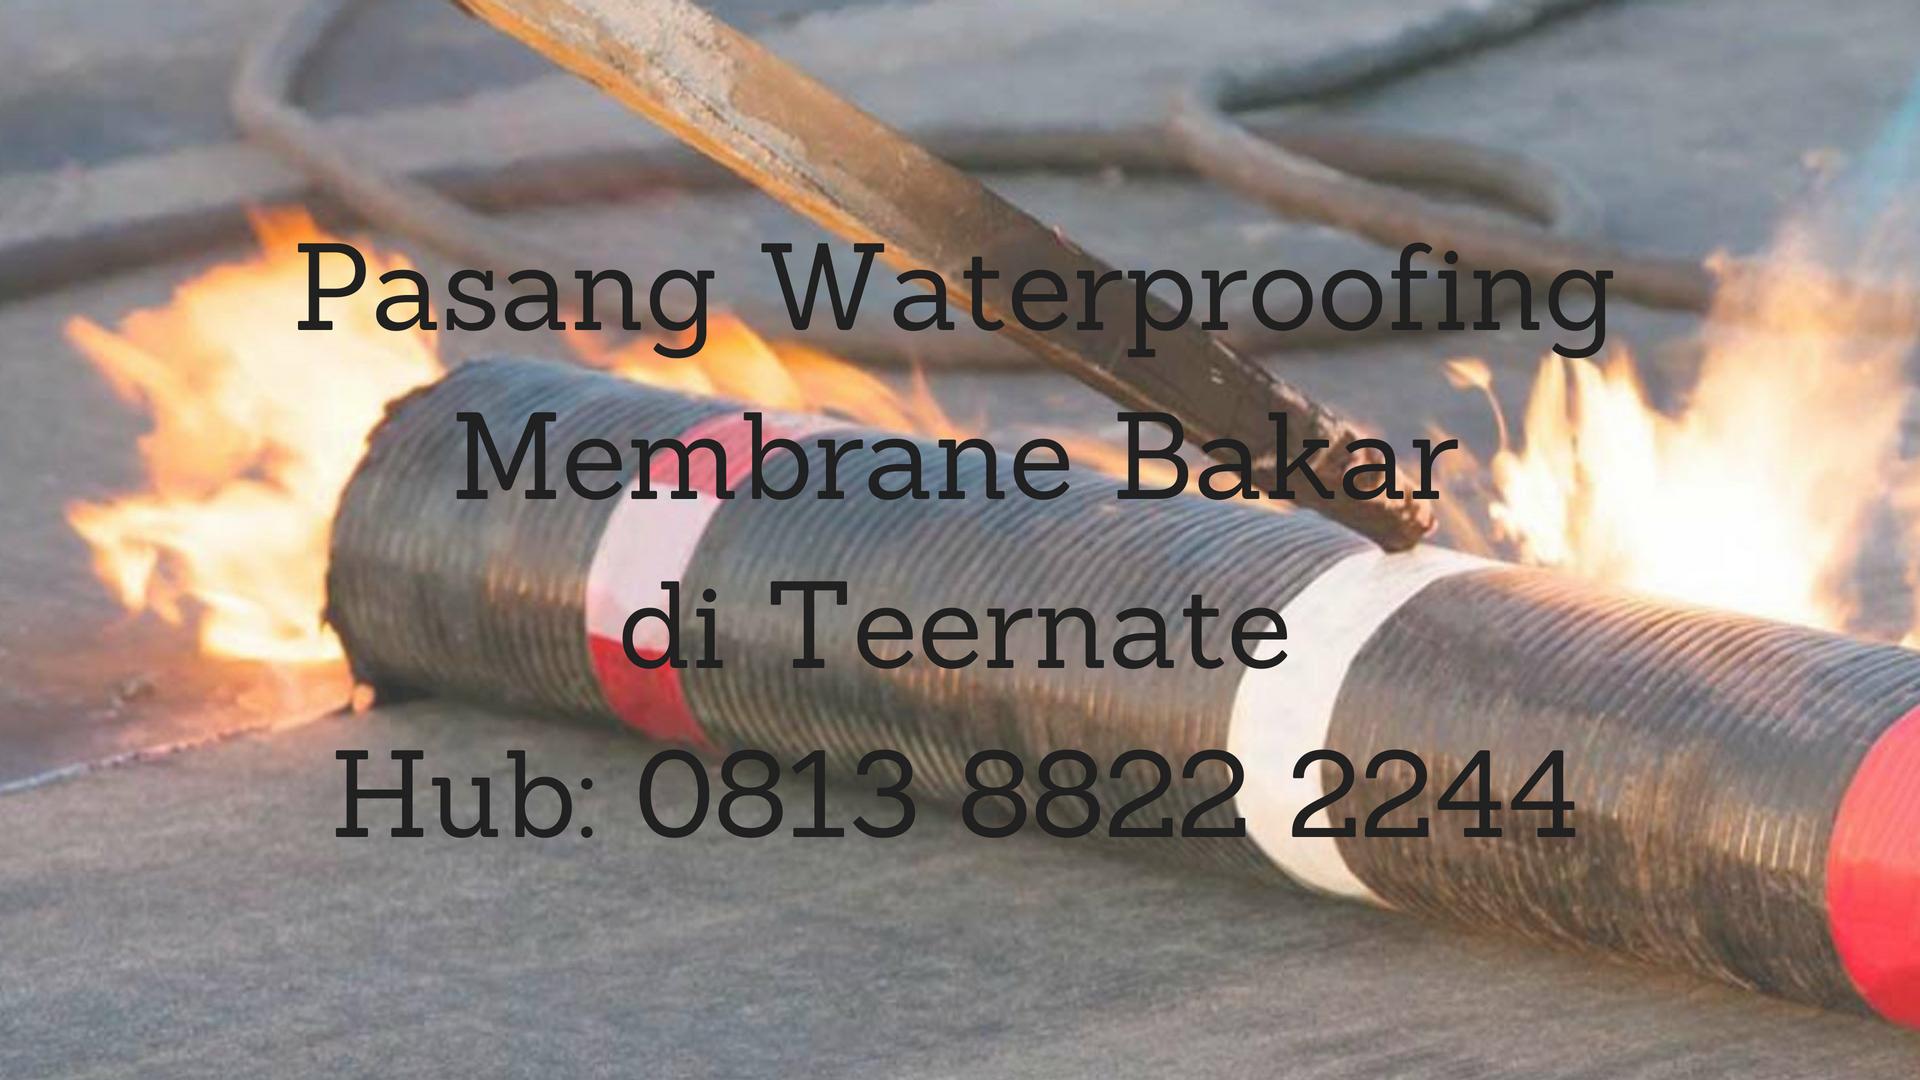 PASANG WATERPROOFING MEMBRANE BAKAR DI TERNATE.  HUB : 0813 8822 2244